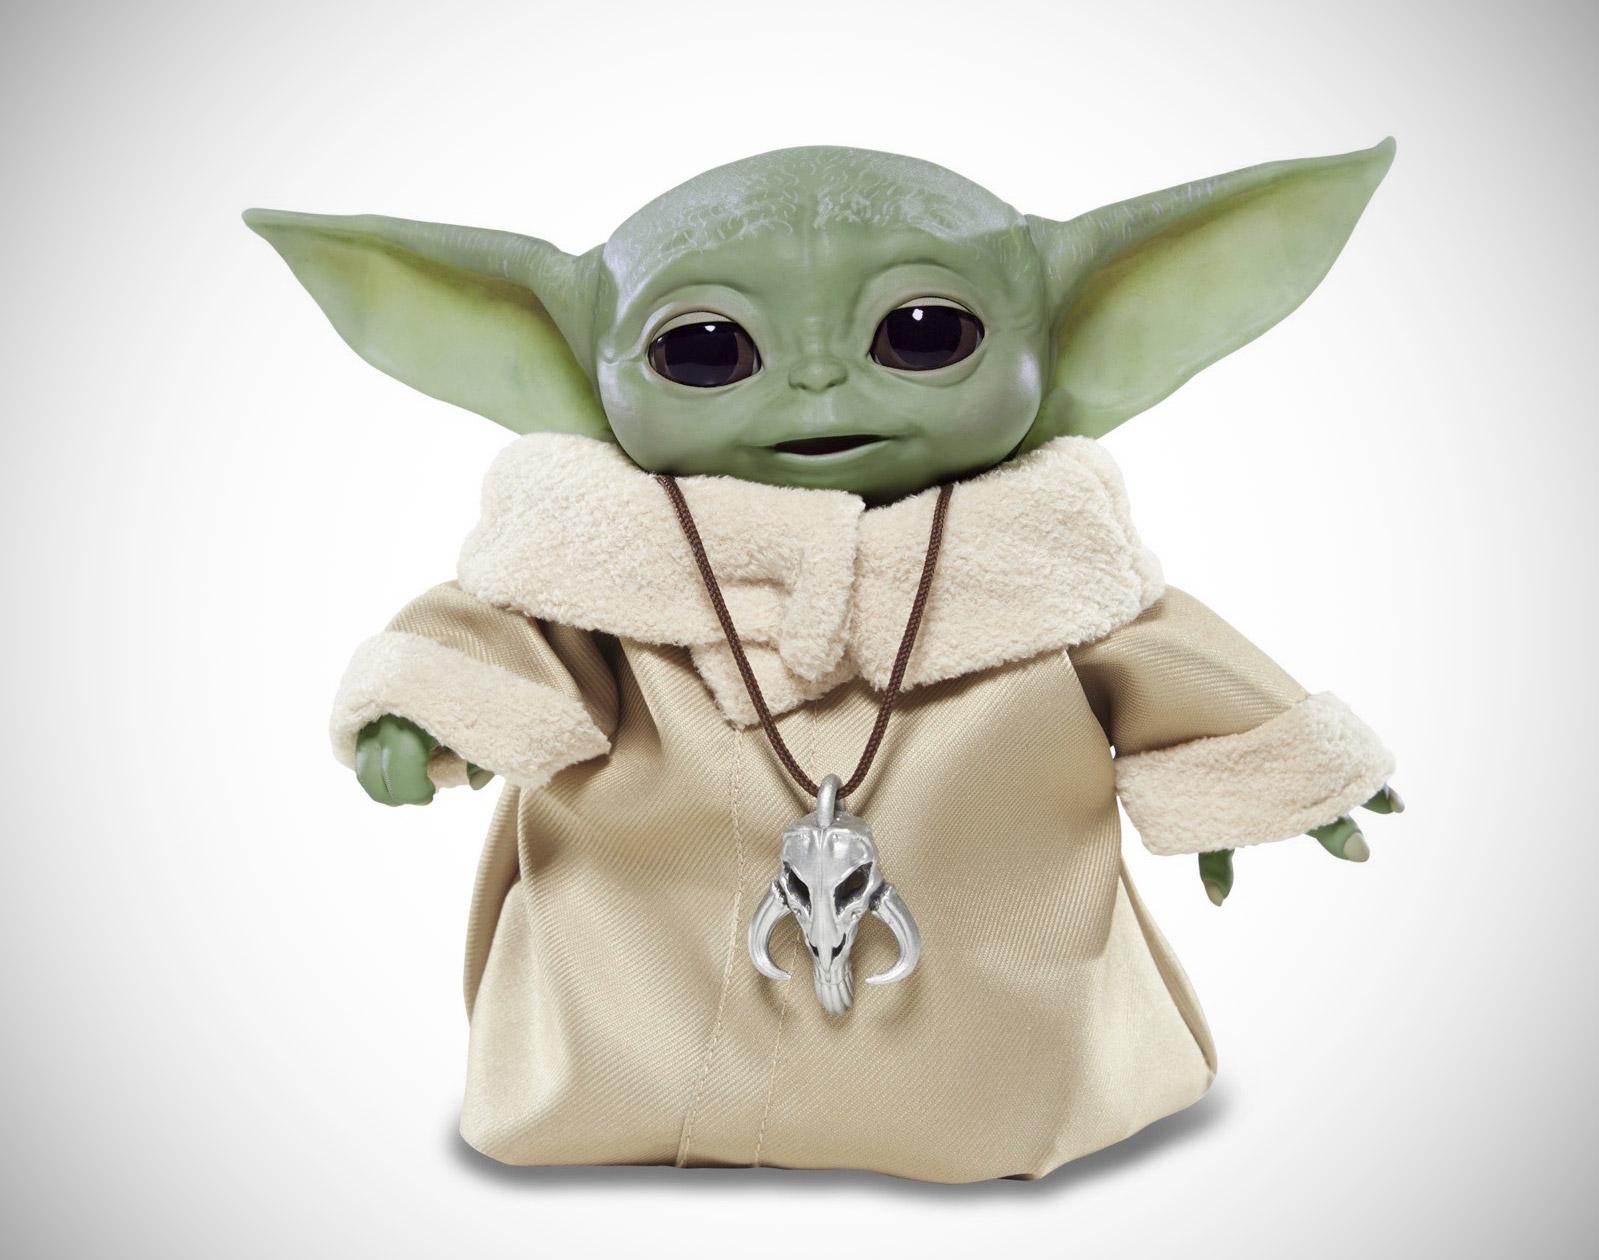 Hasbro Animatronic Baby Yoda